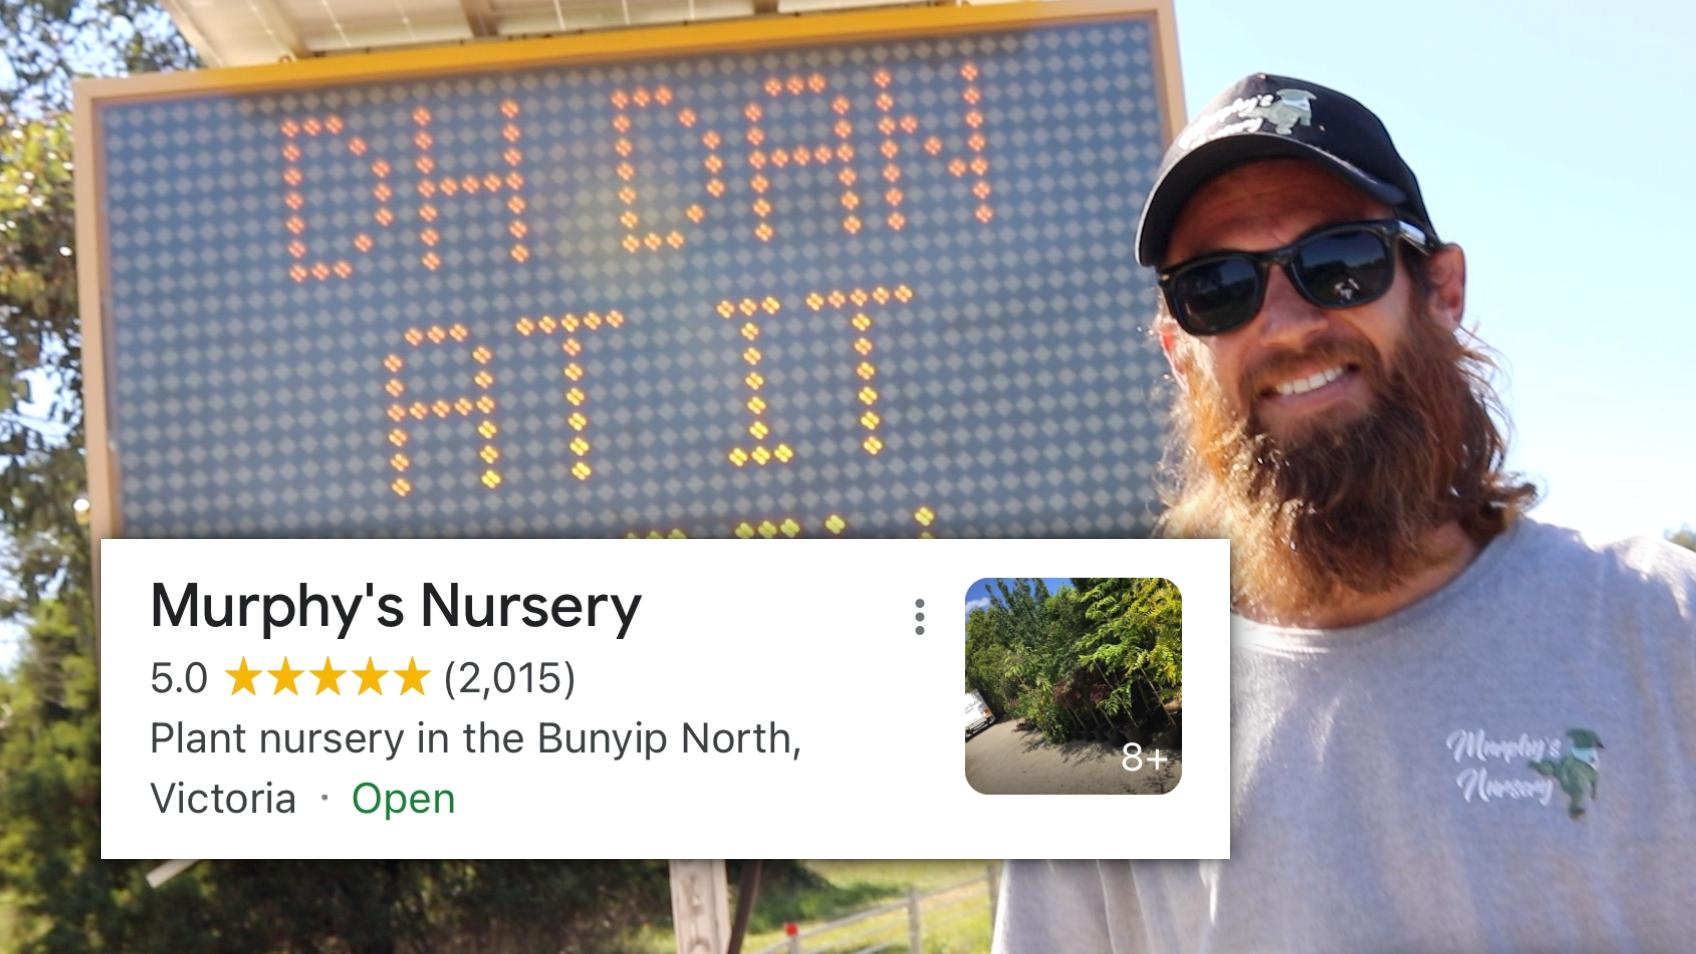 Cancel culture FAILS on Murphy's Nursery in Melbourne